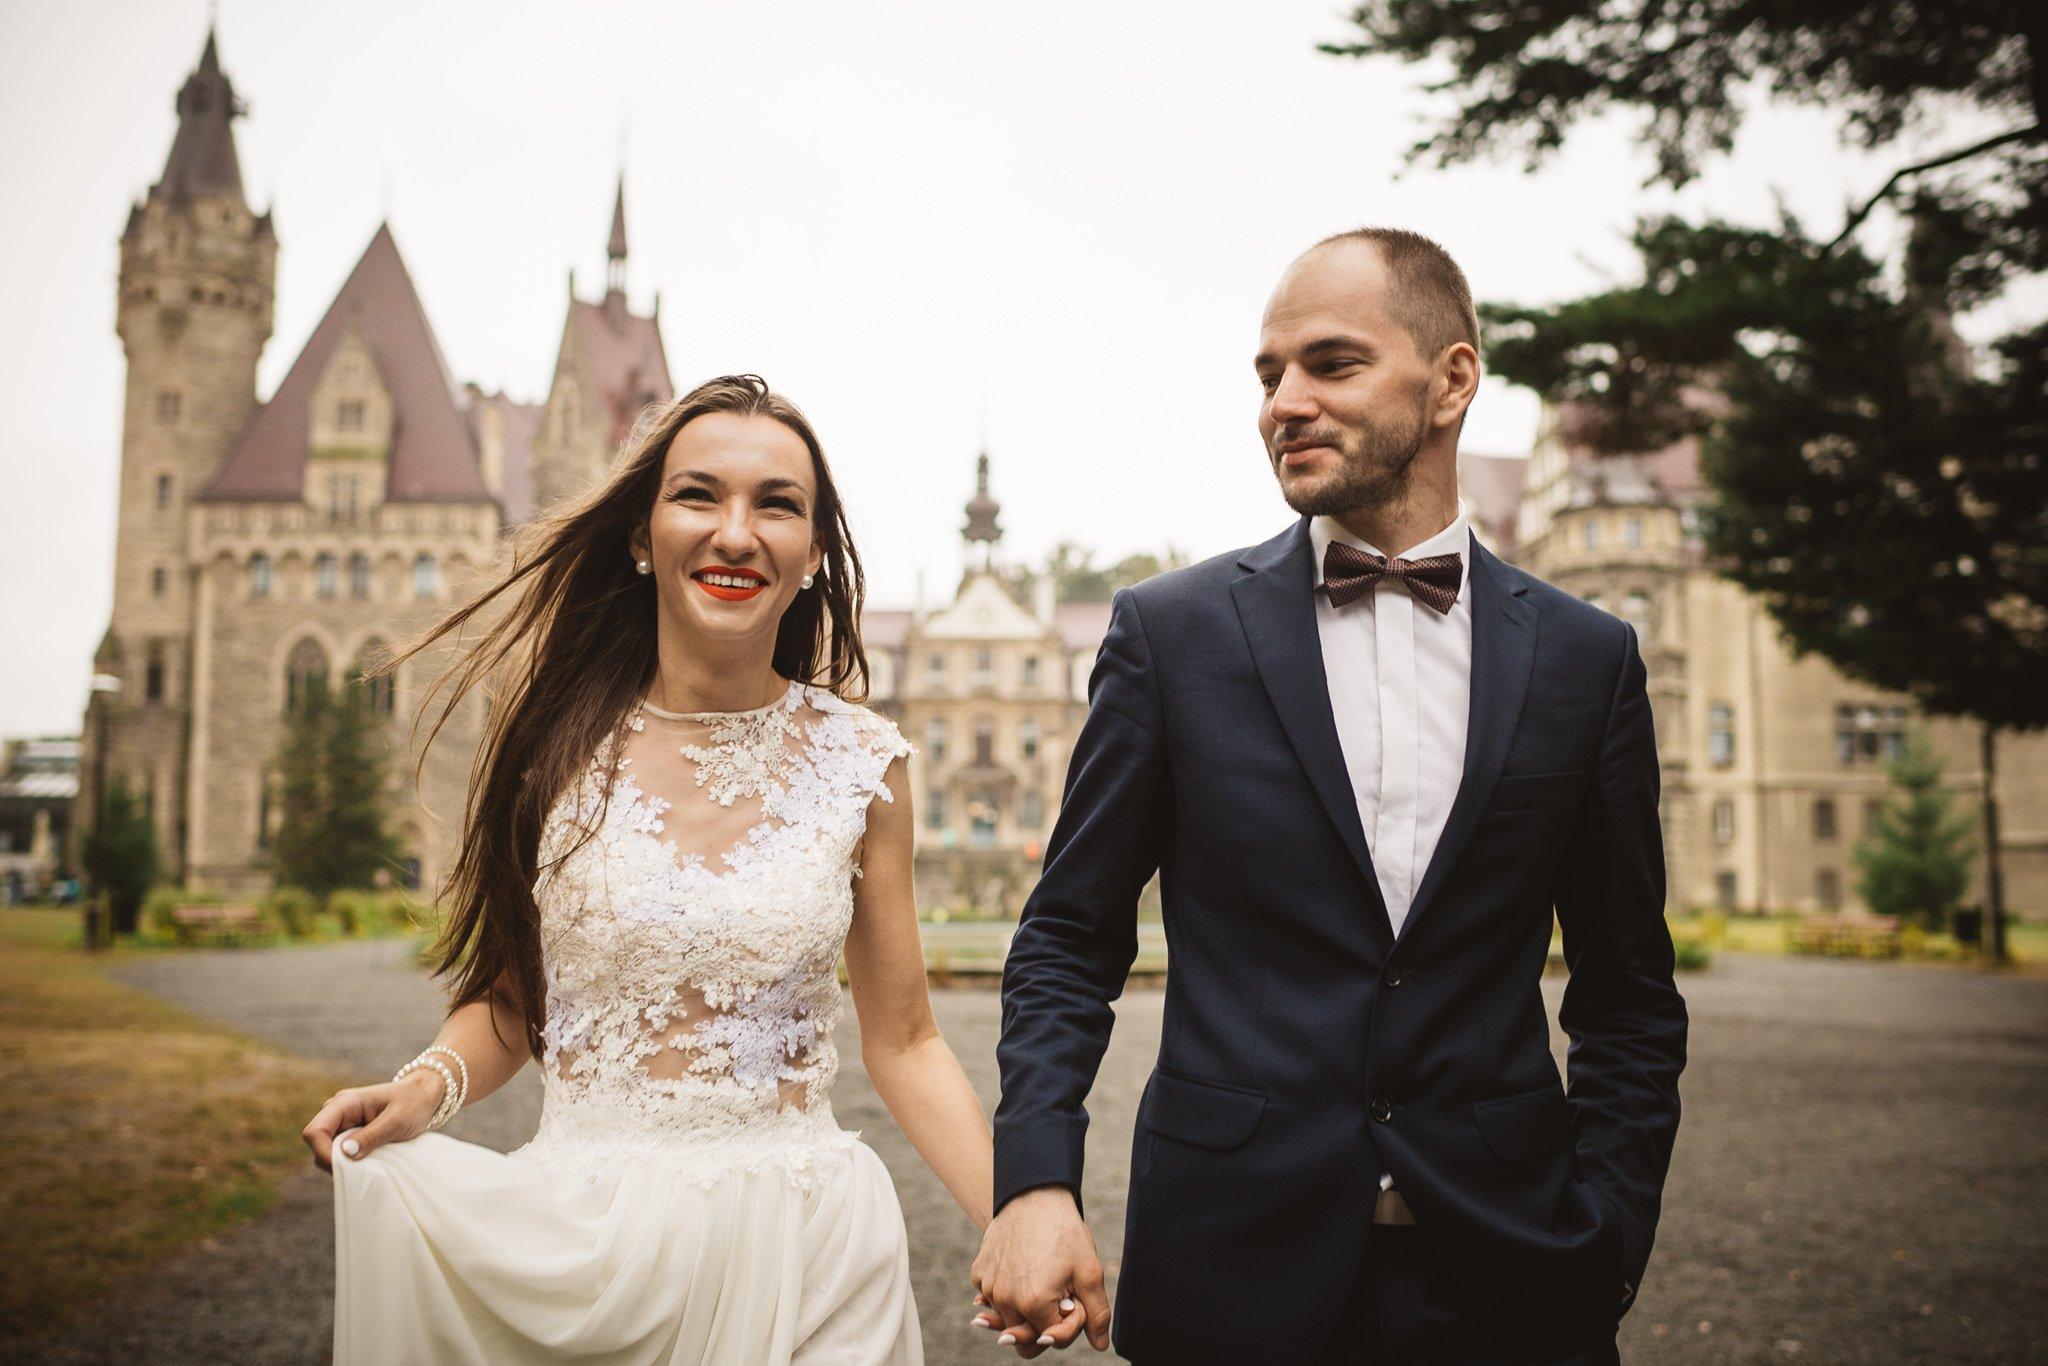 Ala i Arek, czyli jak zorganizować ślub i wesele w 4 tygodnie! 422